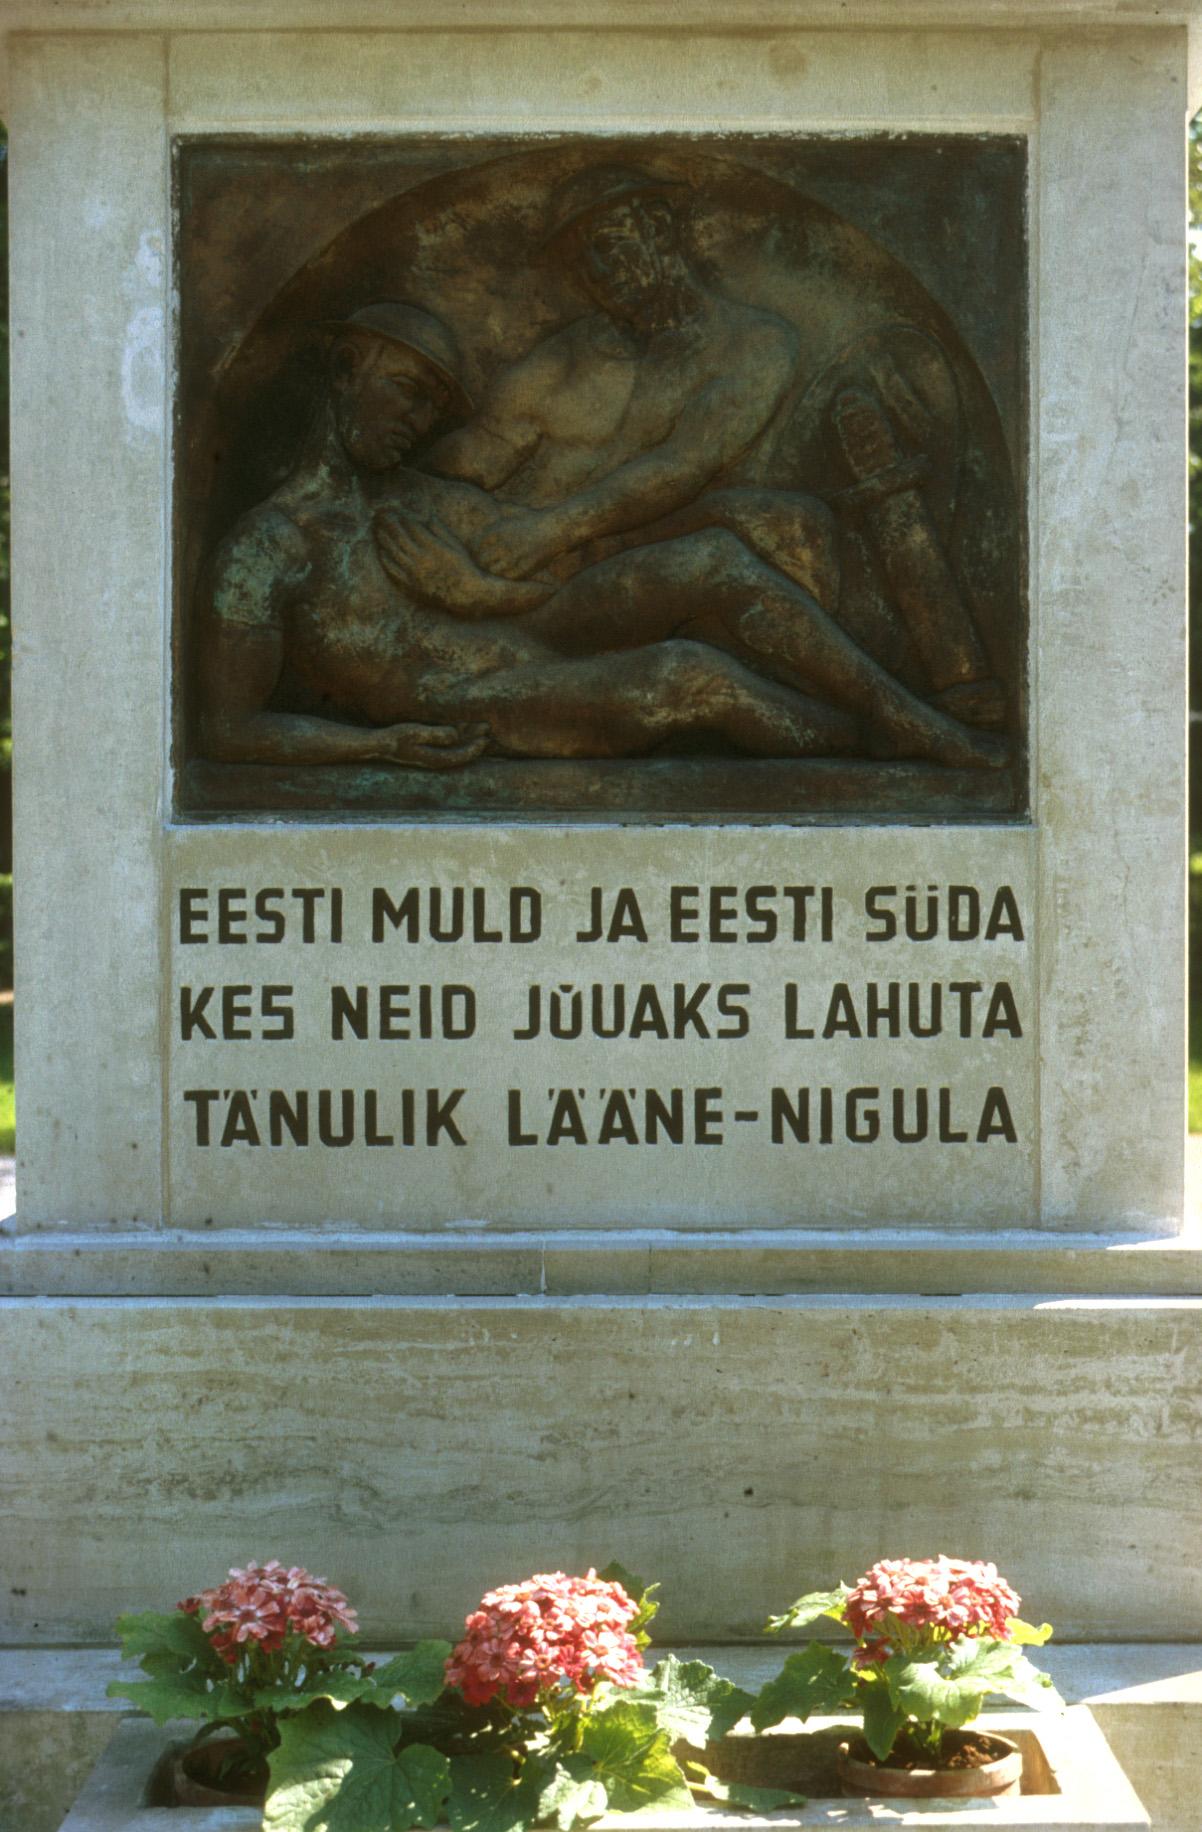 En hyllning till dem som fallit för fosterlandet invid Lääne-Nigula kyrka.